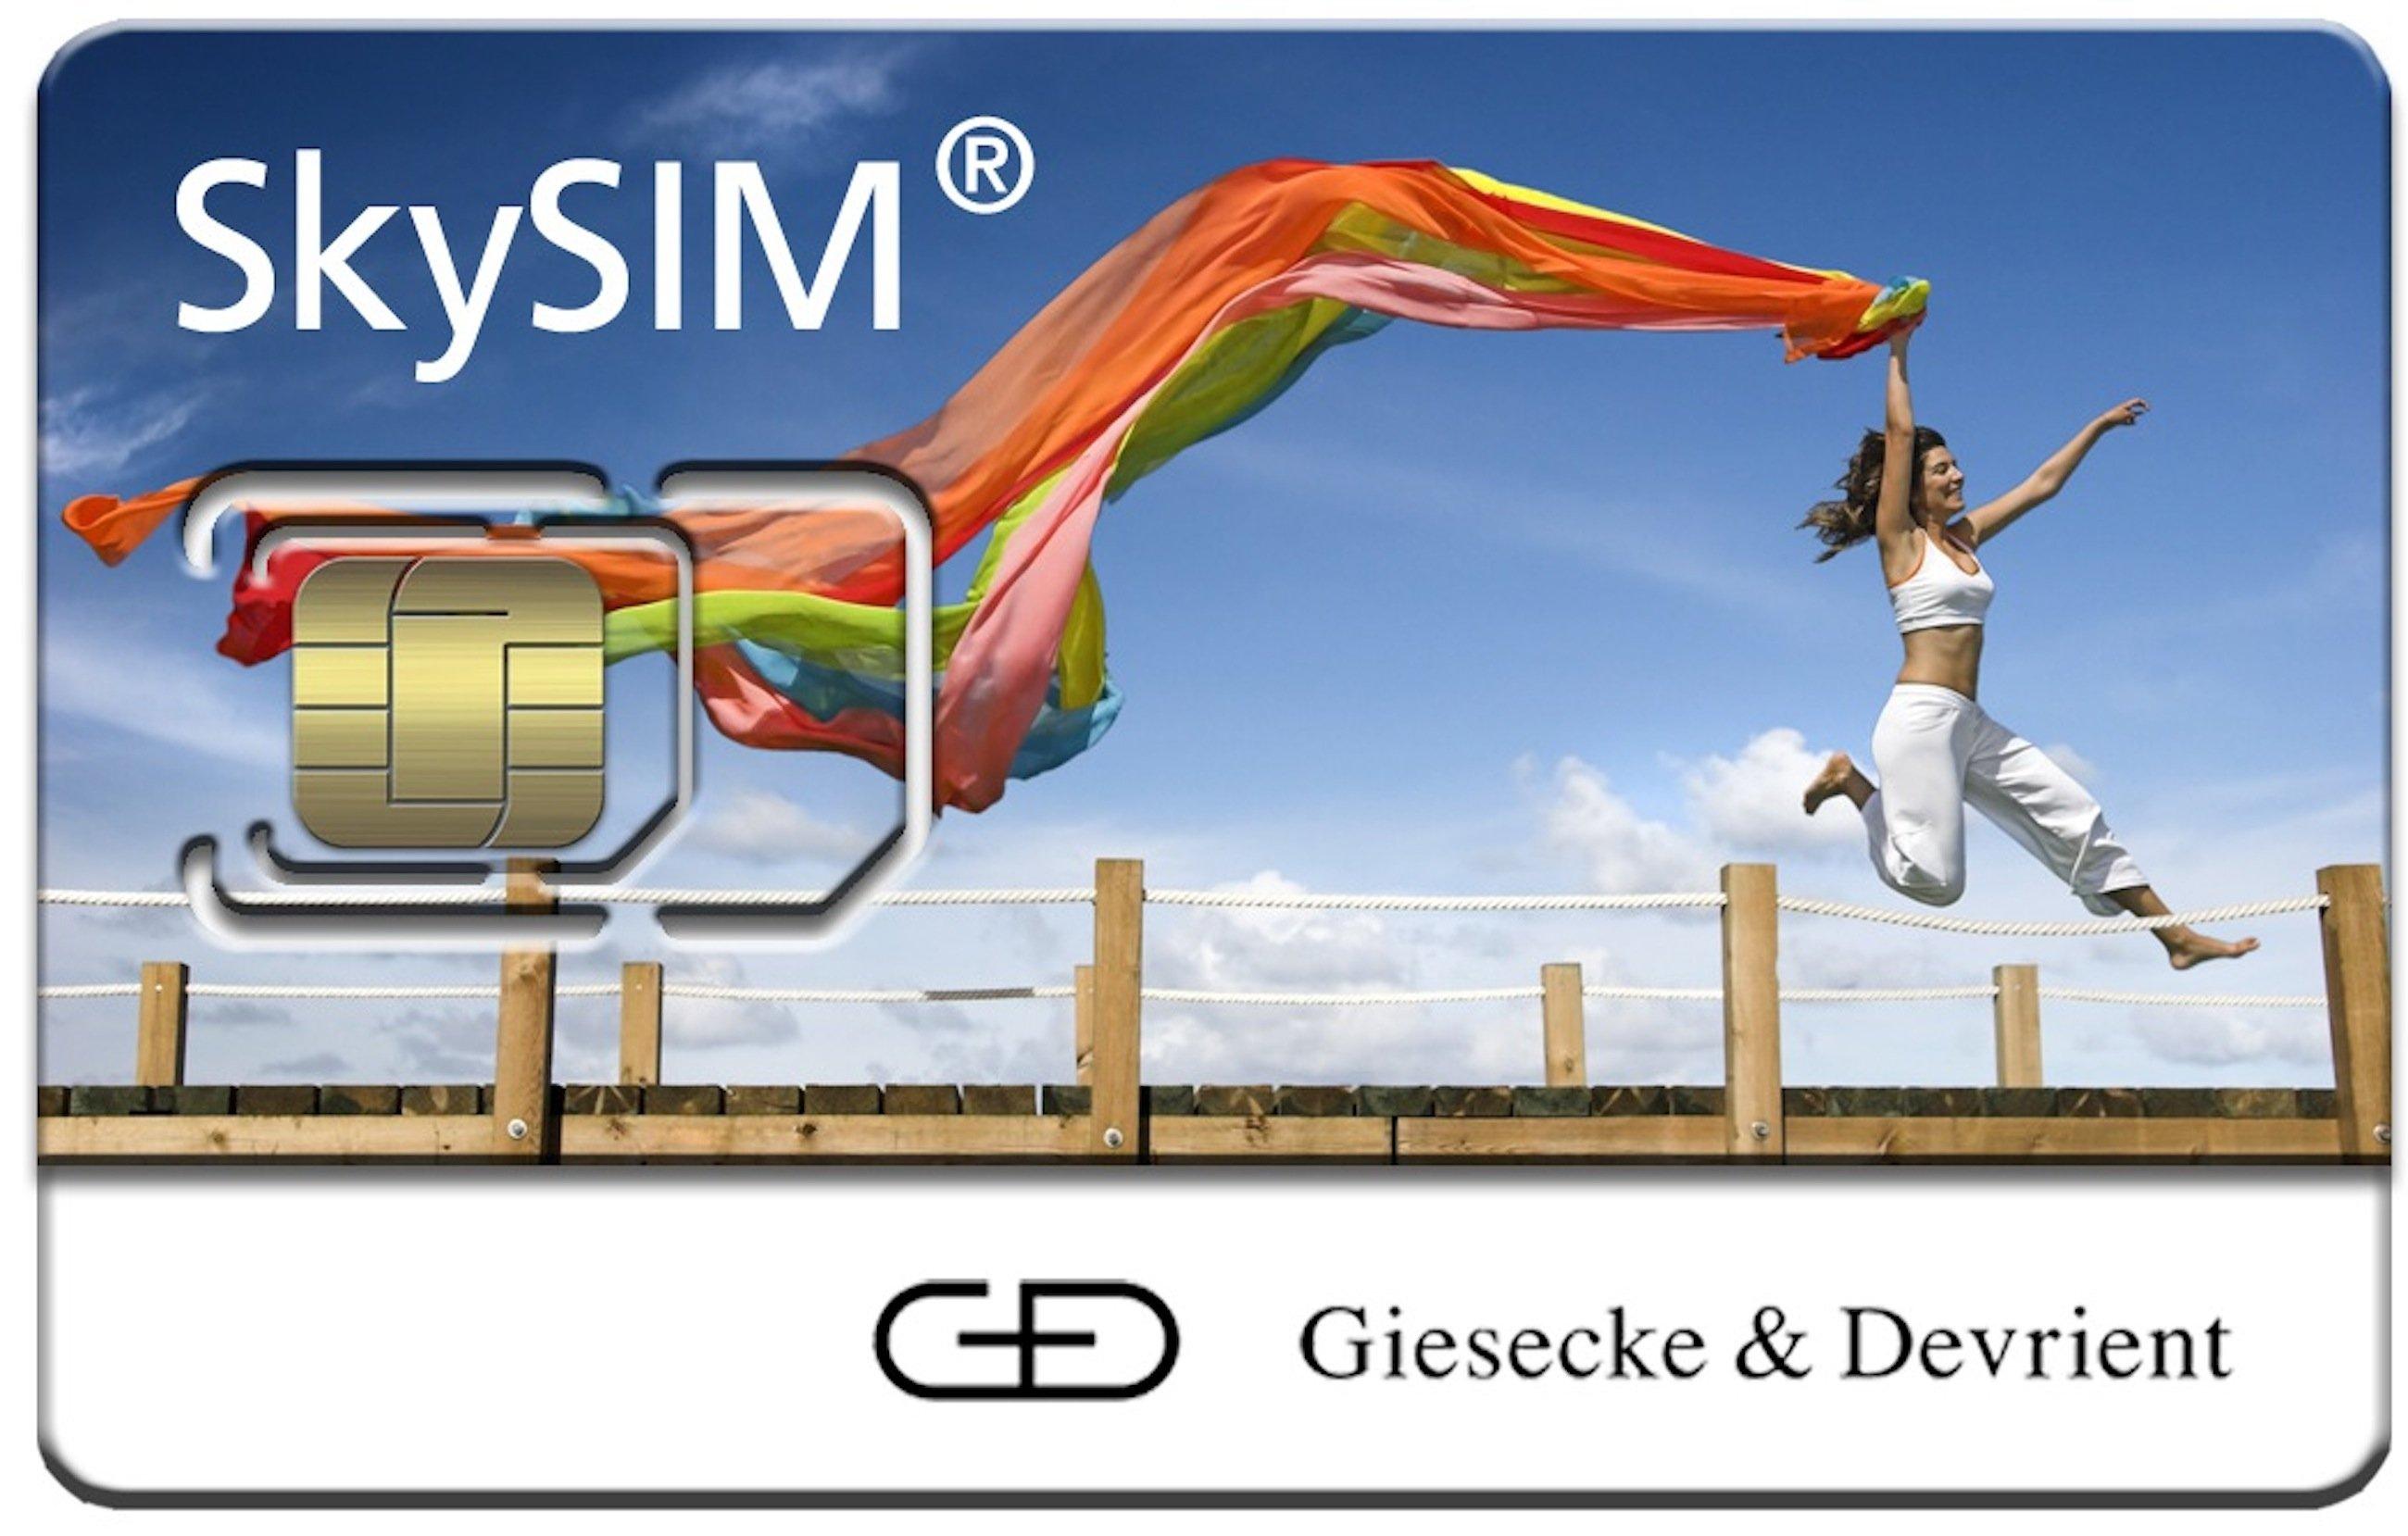 SIM-Karte des deutschen HerstellersGiesecke & Devrient: Offenbar konnten die GeheimdiensteNSA und GCHQ die Verschlüsselung von Millionen von SIM-Karten knacken und können nun ungestört mitlesen und mithören.